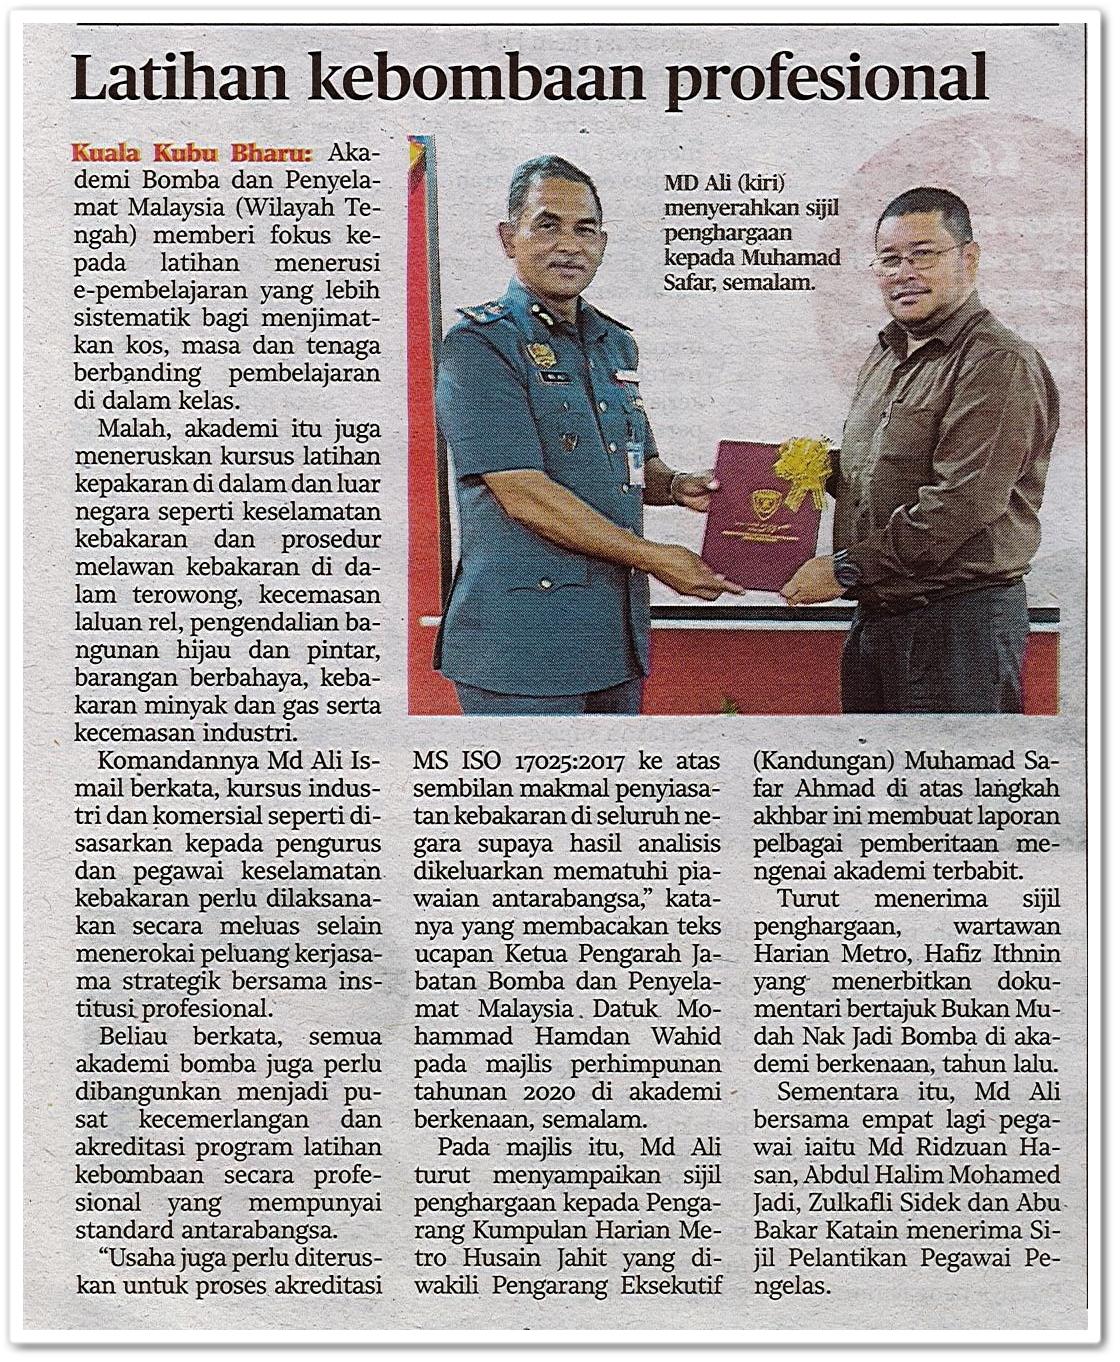 Latihan kebombaan profesional - Keratan akhbar Harian Metro 20 Februari 2020